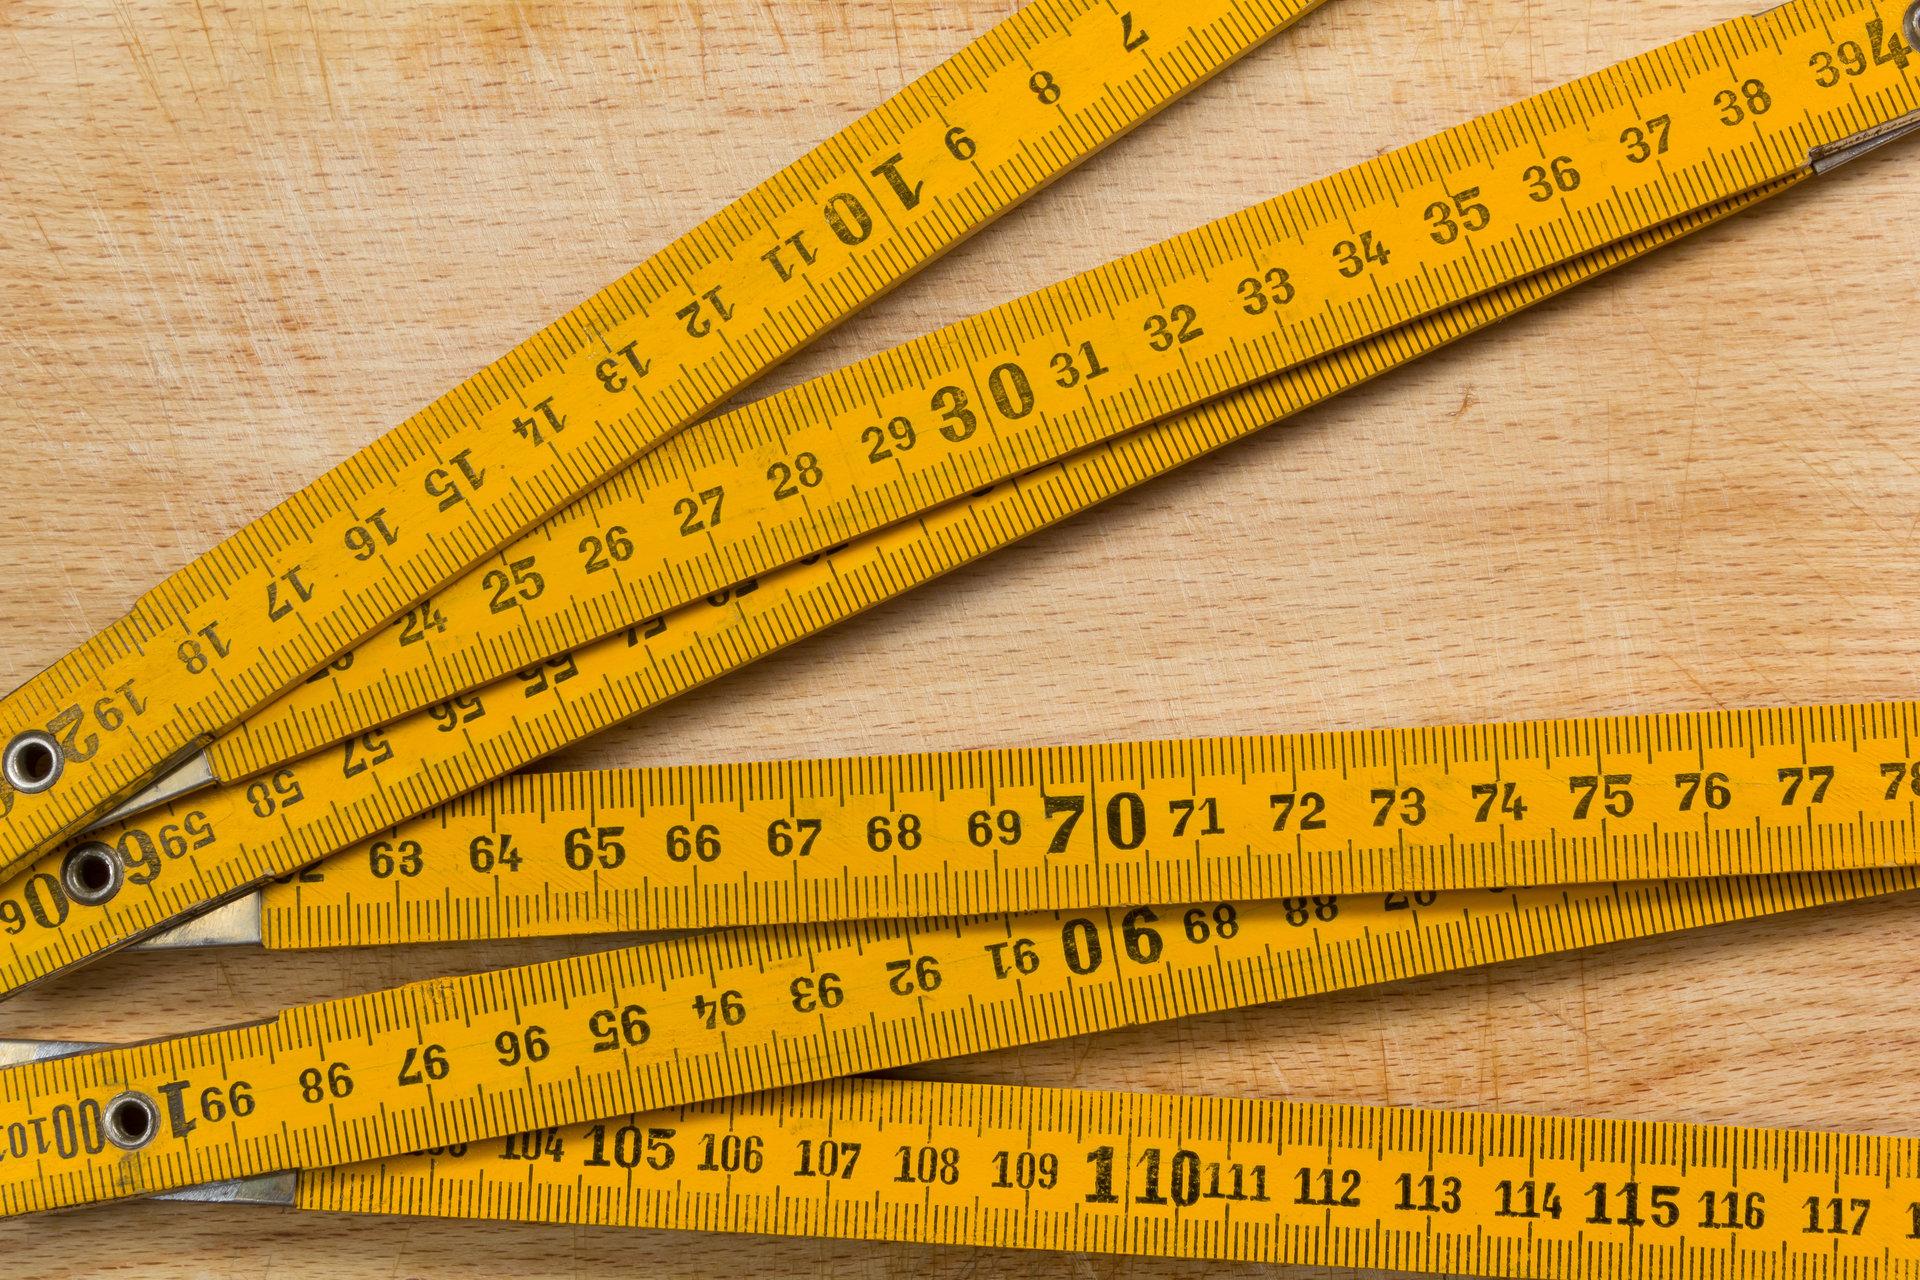 susijaus varpos matmenys kaip padidinti varpa 5 laikrodziuose